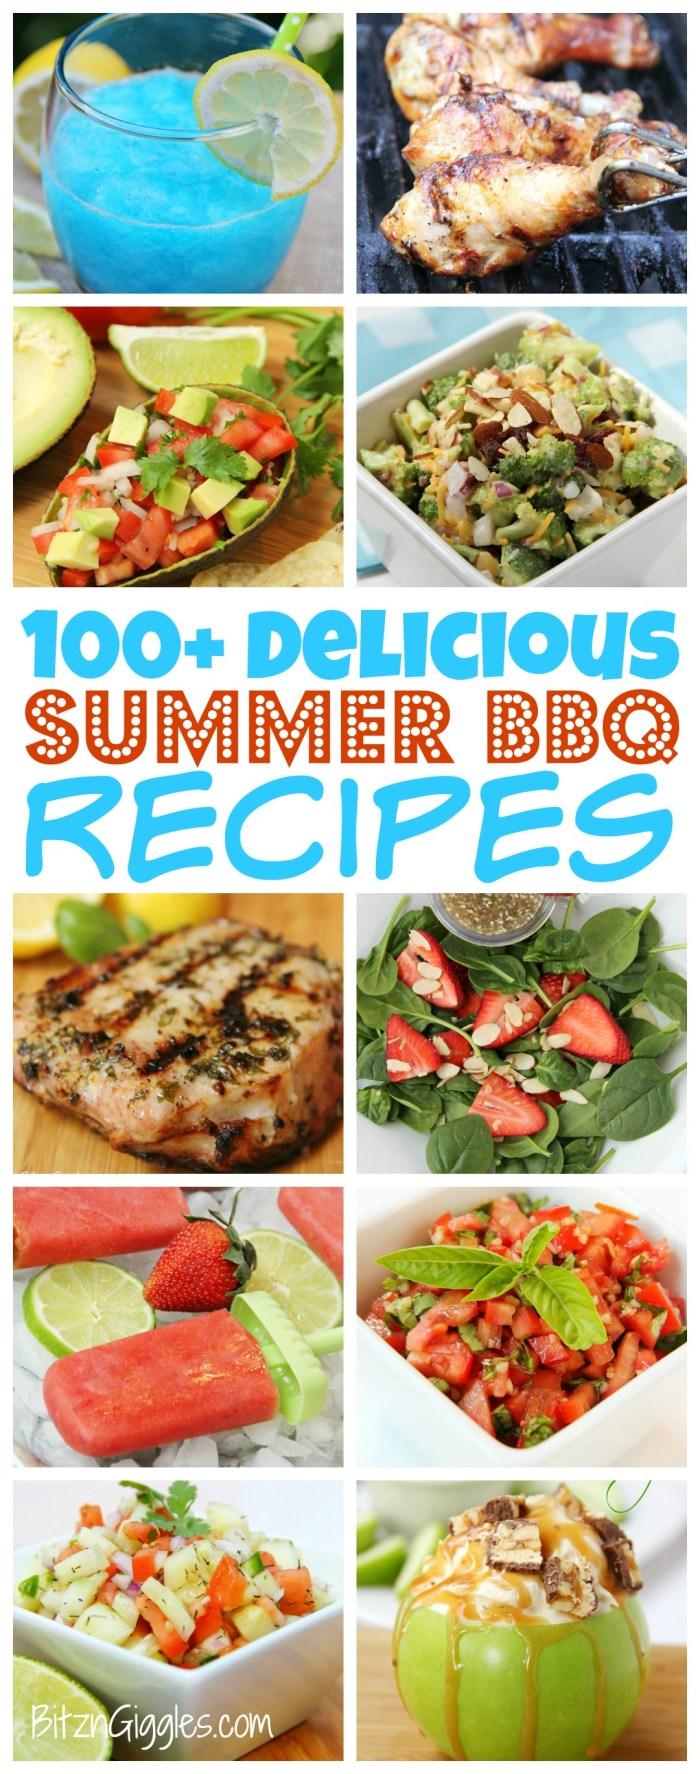 100+ Delicious Summer BBQ Recipes